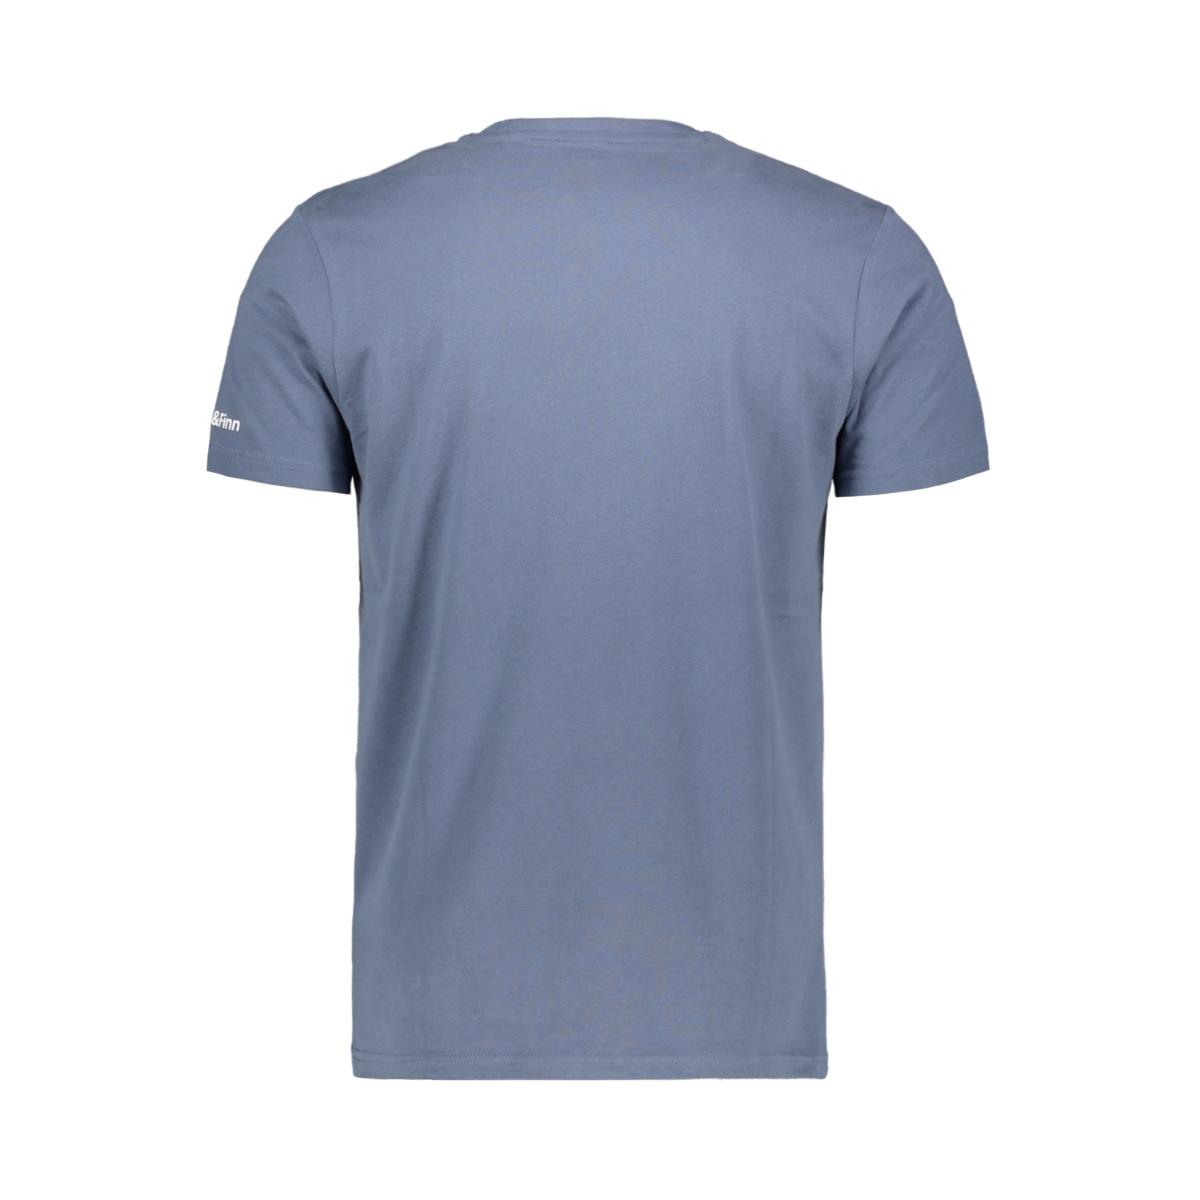 tee logo embro mu13 0010 haze & finn t-shirt light indigo